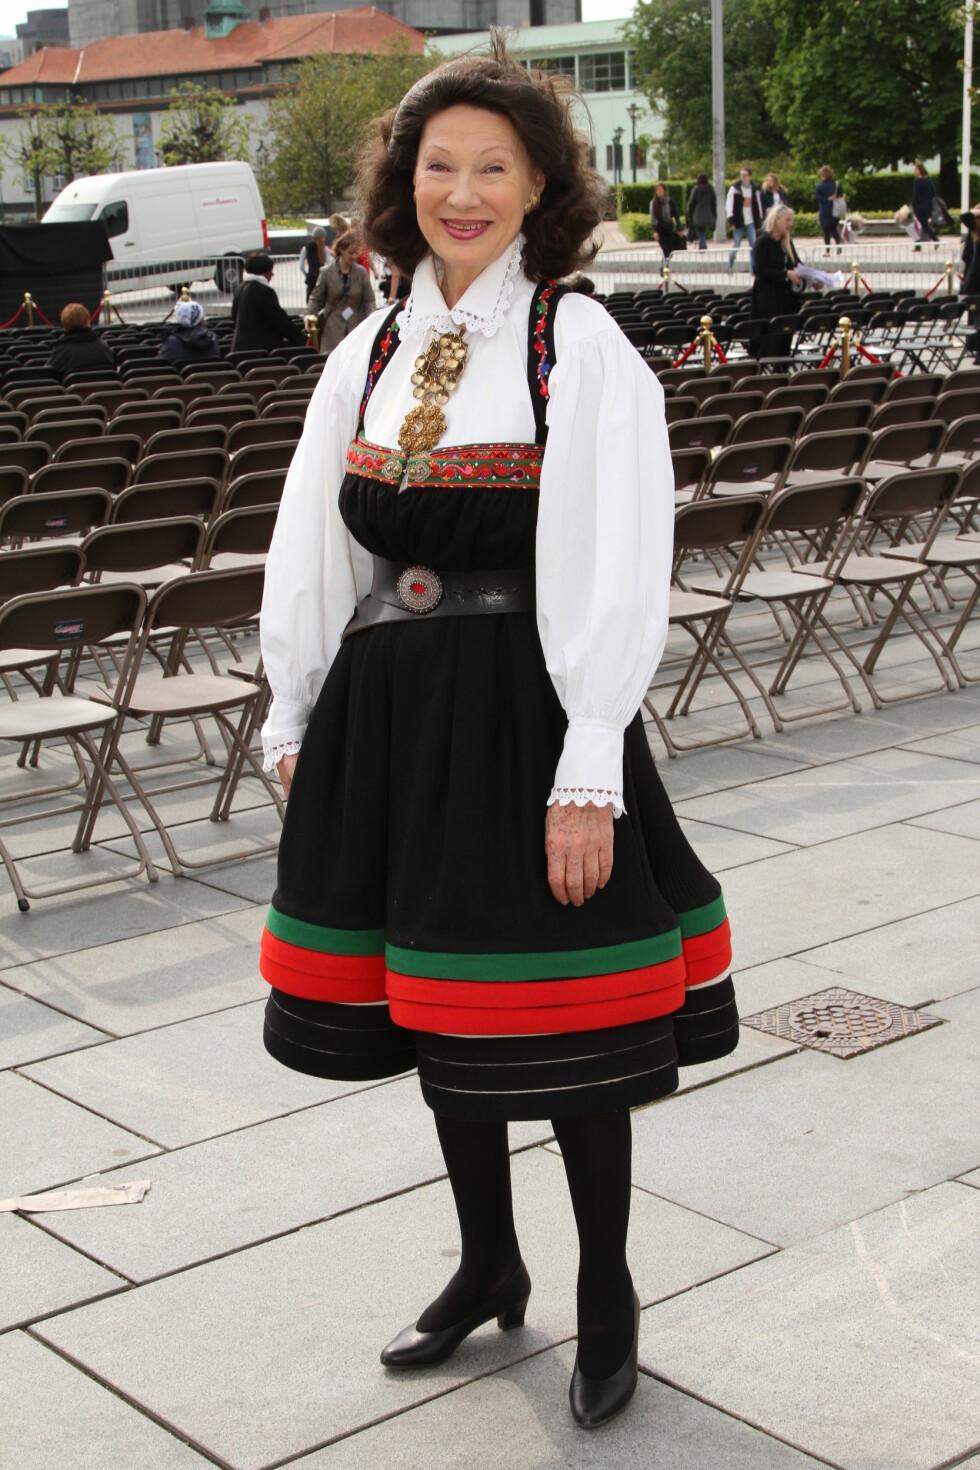 BYTTET SKO: Artist og tidligere kulturminister Åse Kleveland følger ikke bunadsreglene slavisk. – Jeg bruker sorte pumps istedenfor bunadsko. Det er fint å ha noe pent på føttene siden de synes under den korte stakken, sier hun til Se og Hør. Foto: Se og Hør